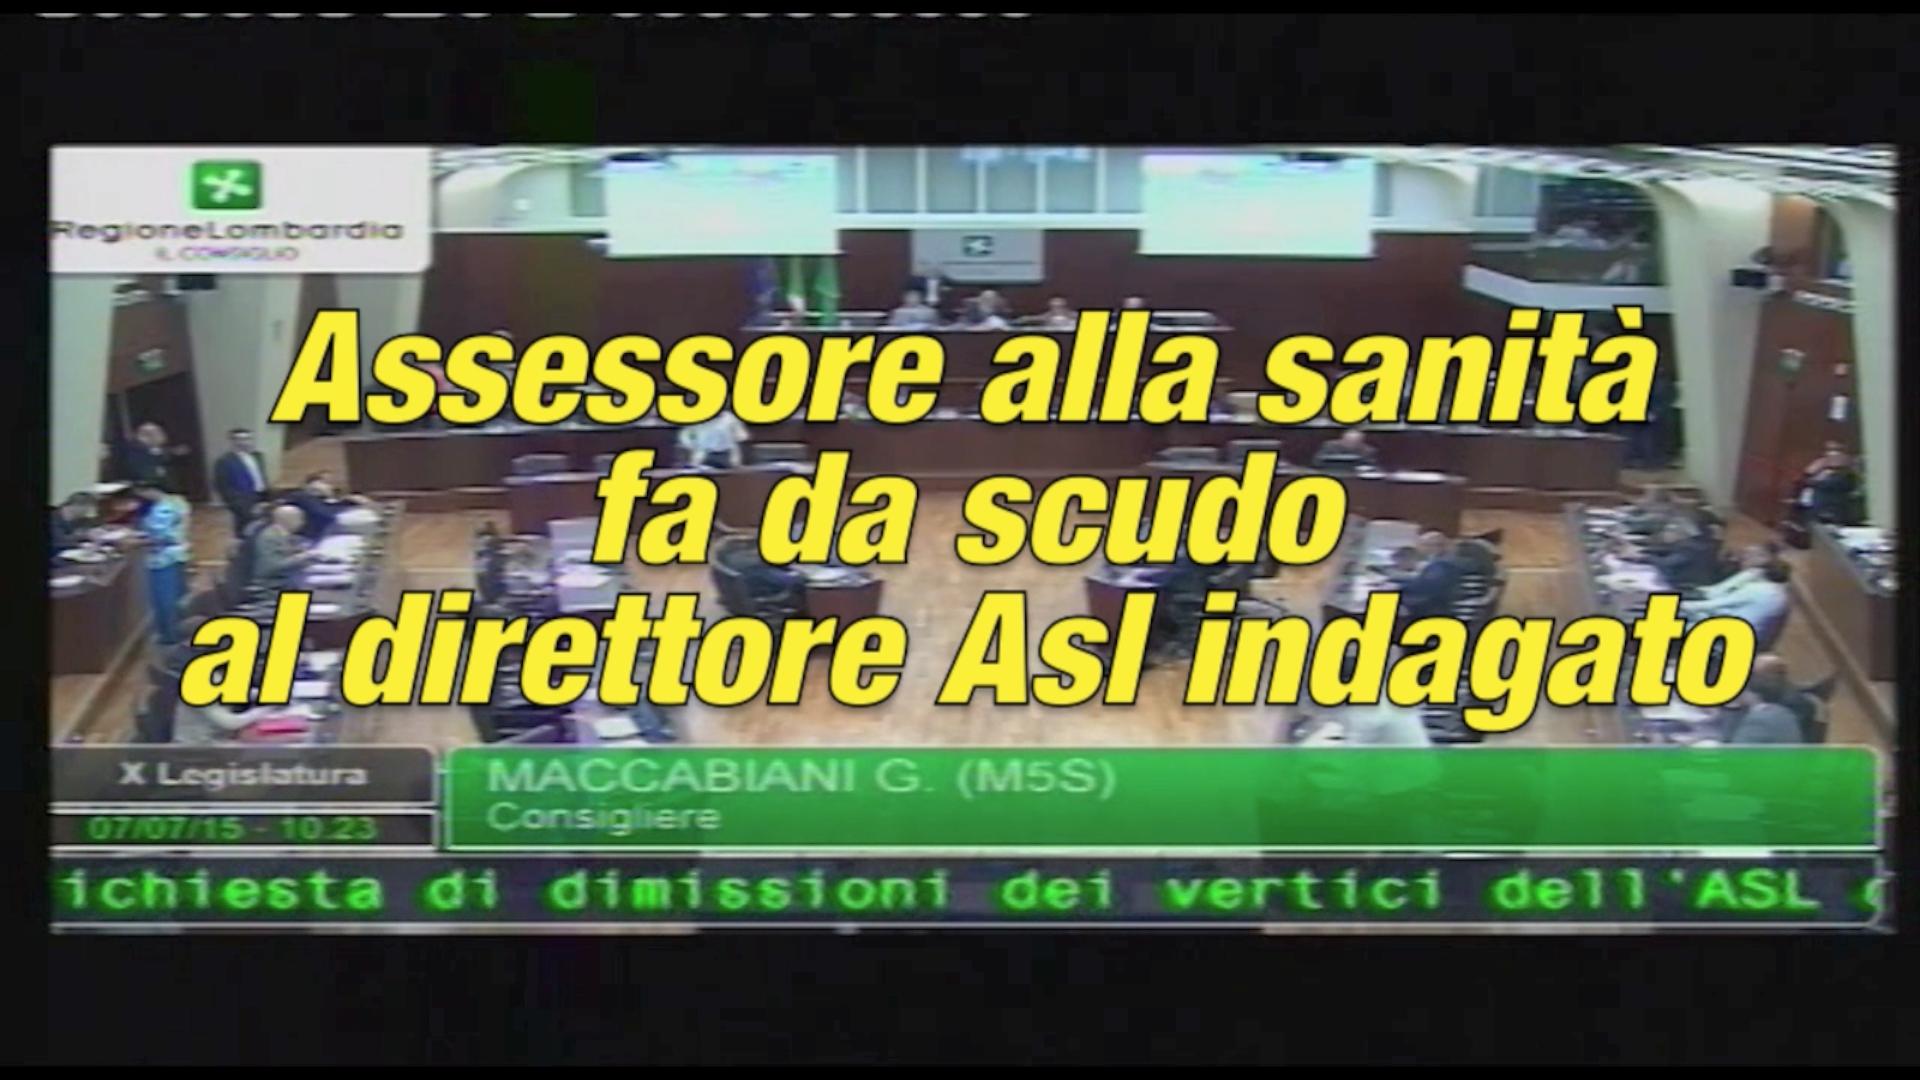 L'assessore alla sanità fa da scudo al direttore dell'ASL di Brescia indagato